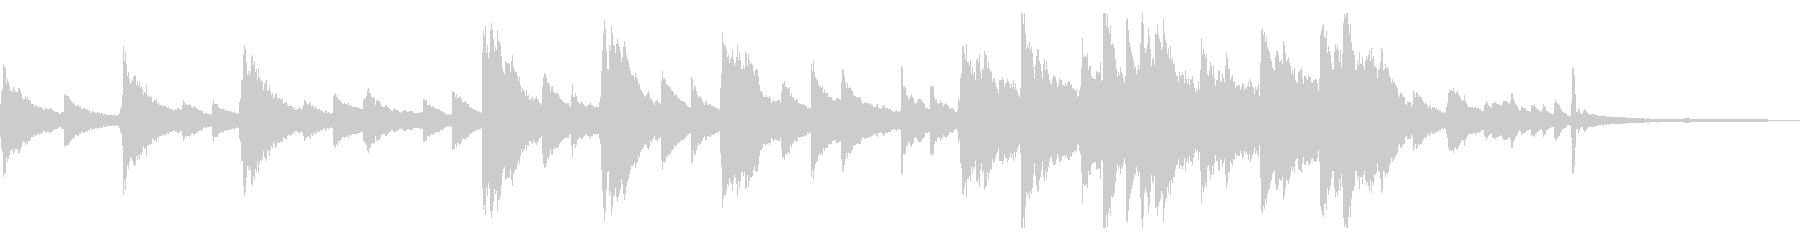 企業VP・CM用 60秒のピアノソロの未再生の波形